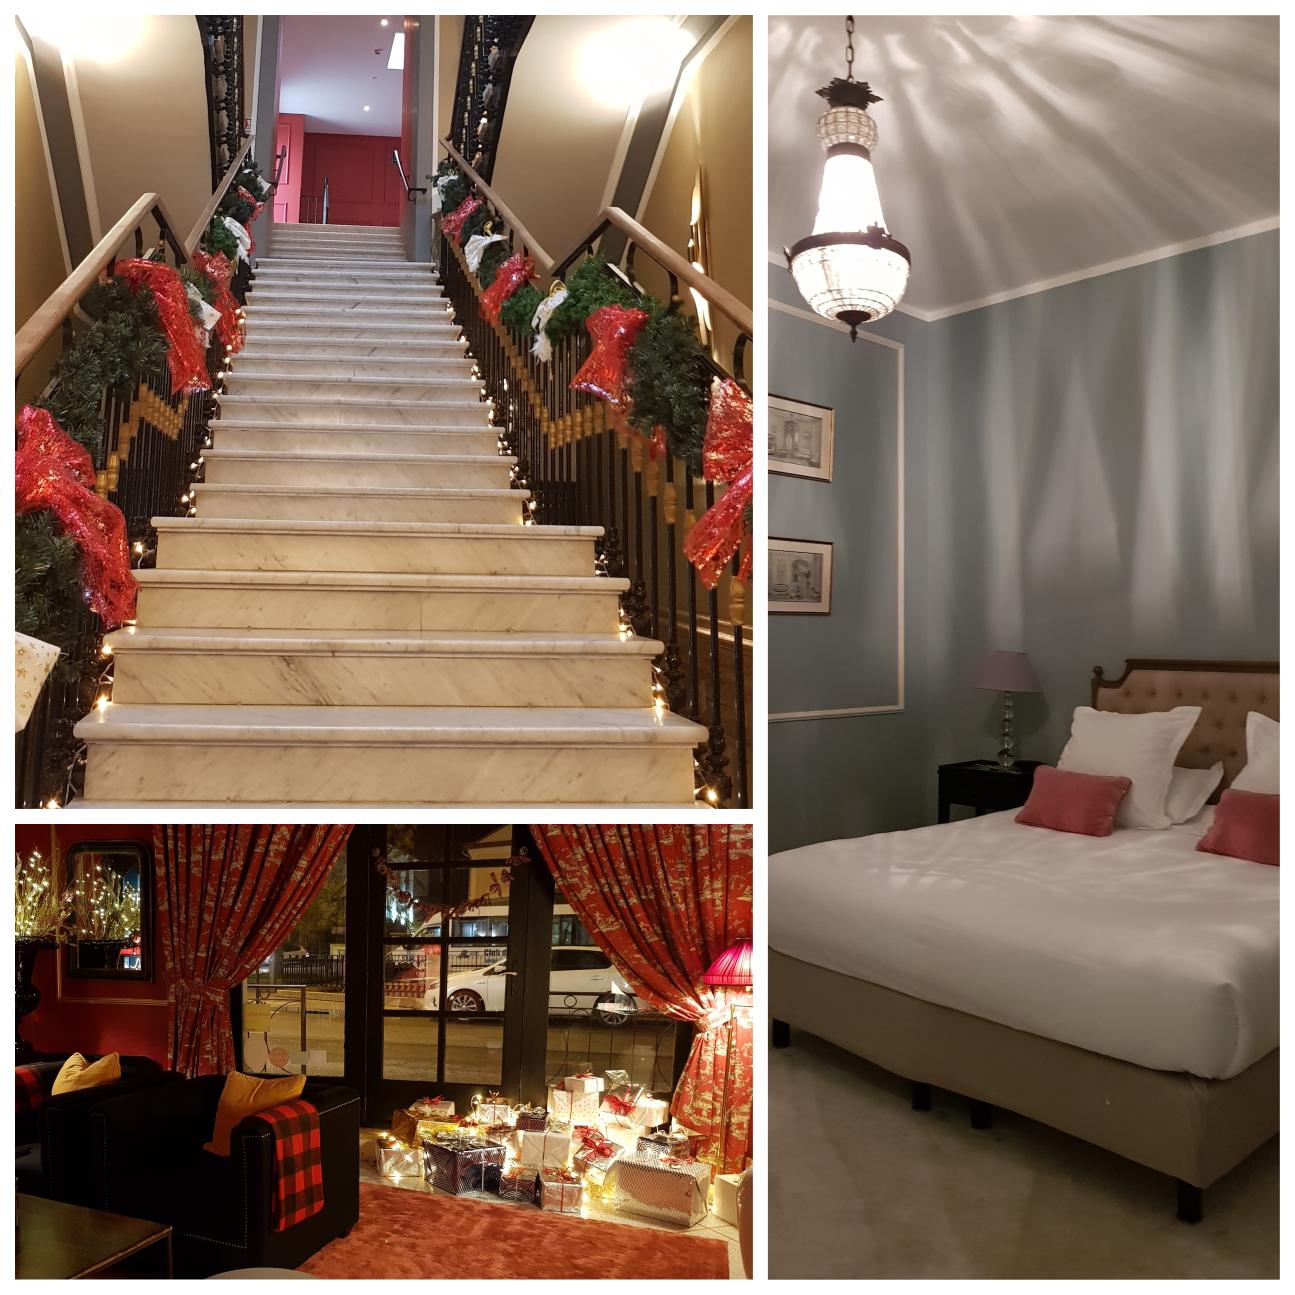 חדר השינה, הלובי והמדרגות